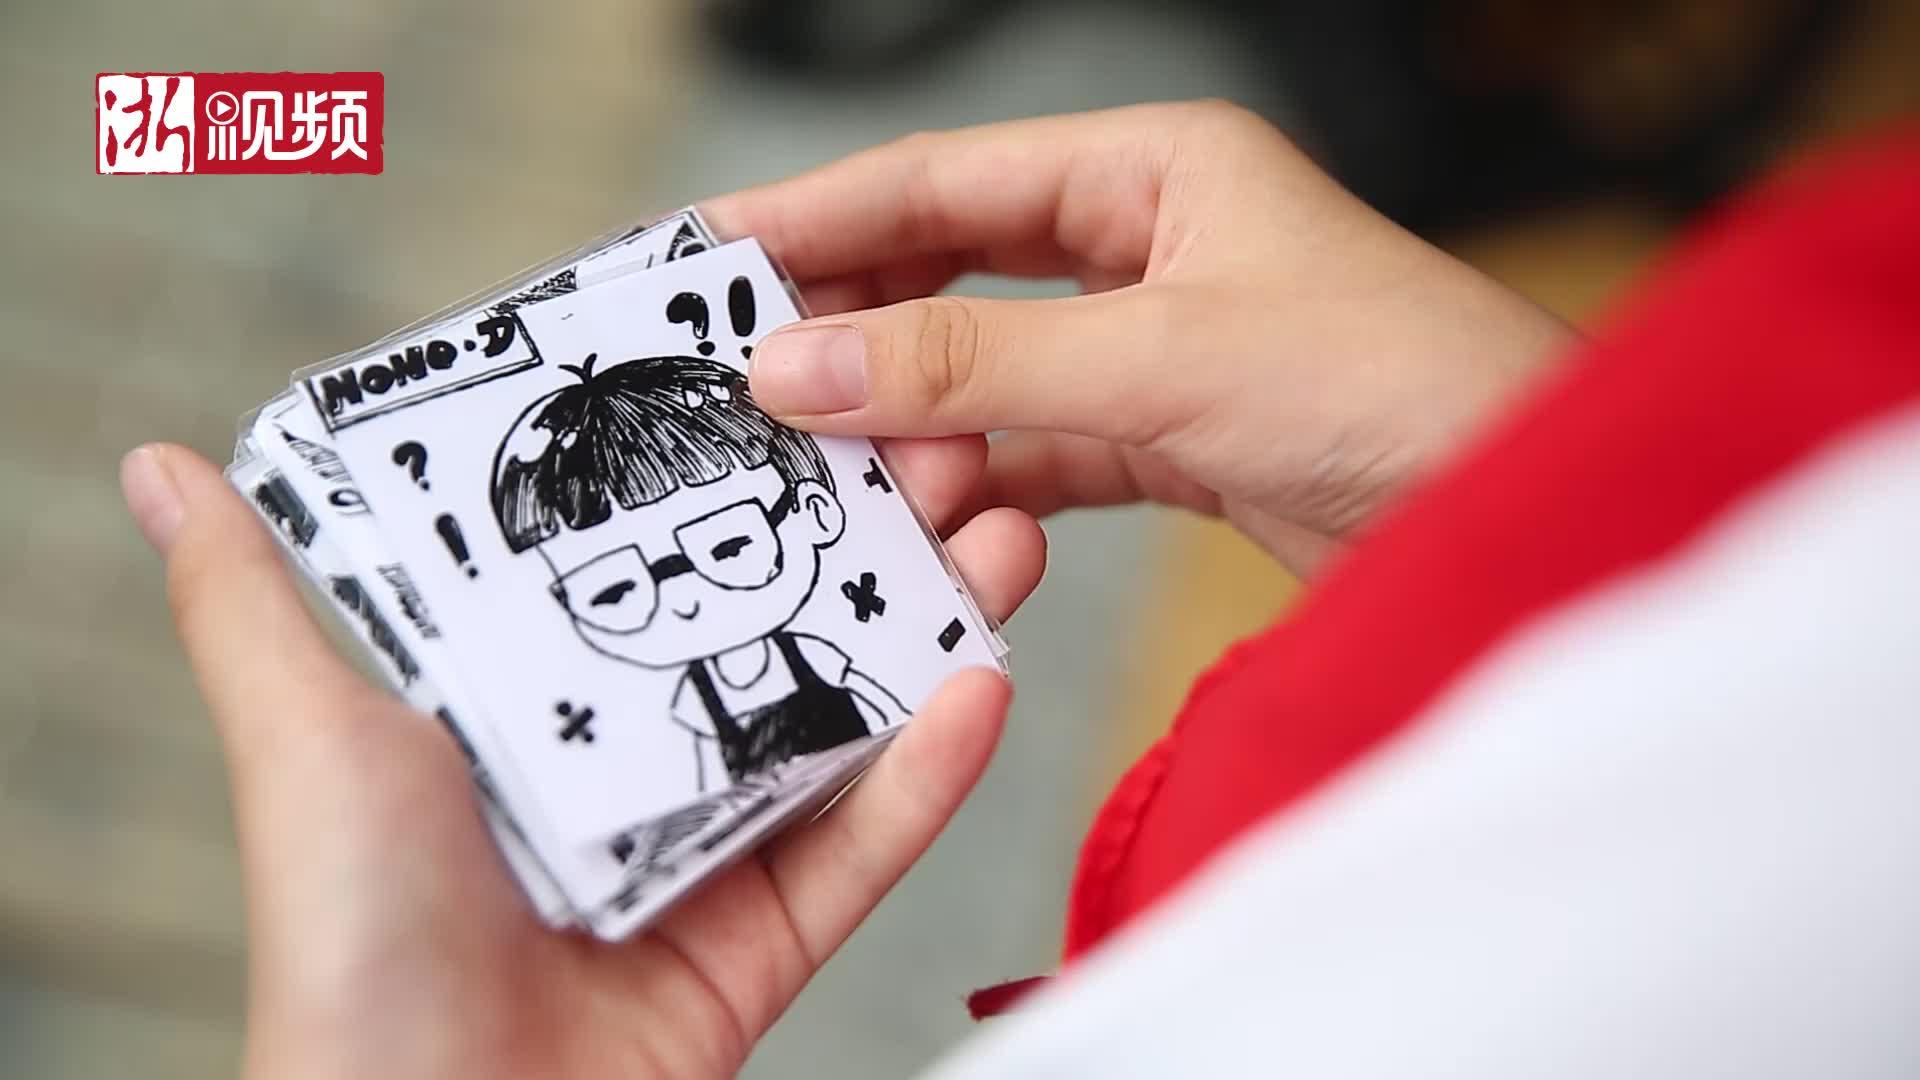 又是别人家的孩子!杭州小学生为全班师生画漫画肖像